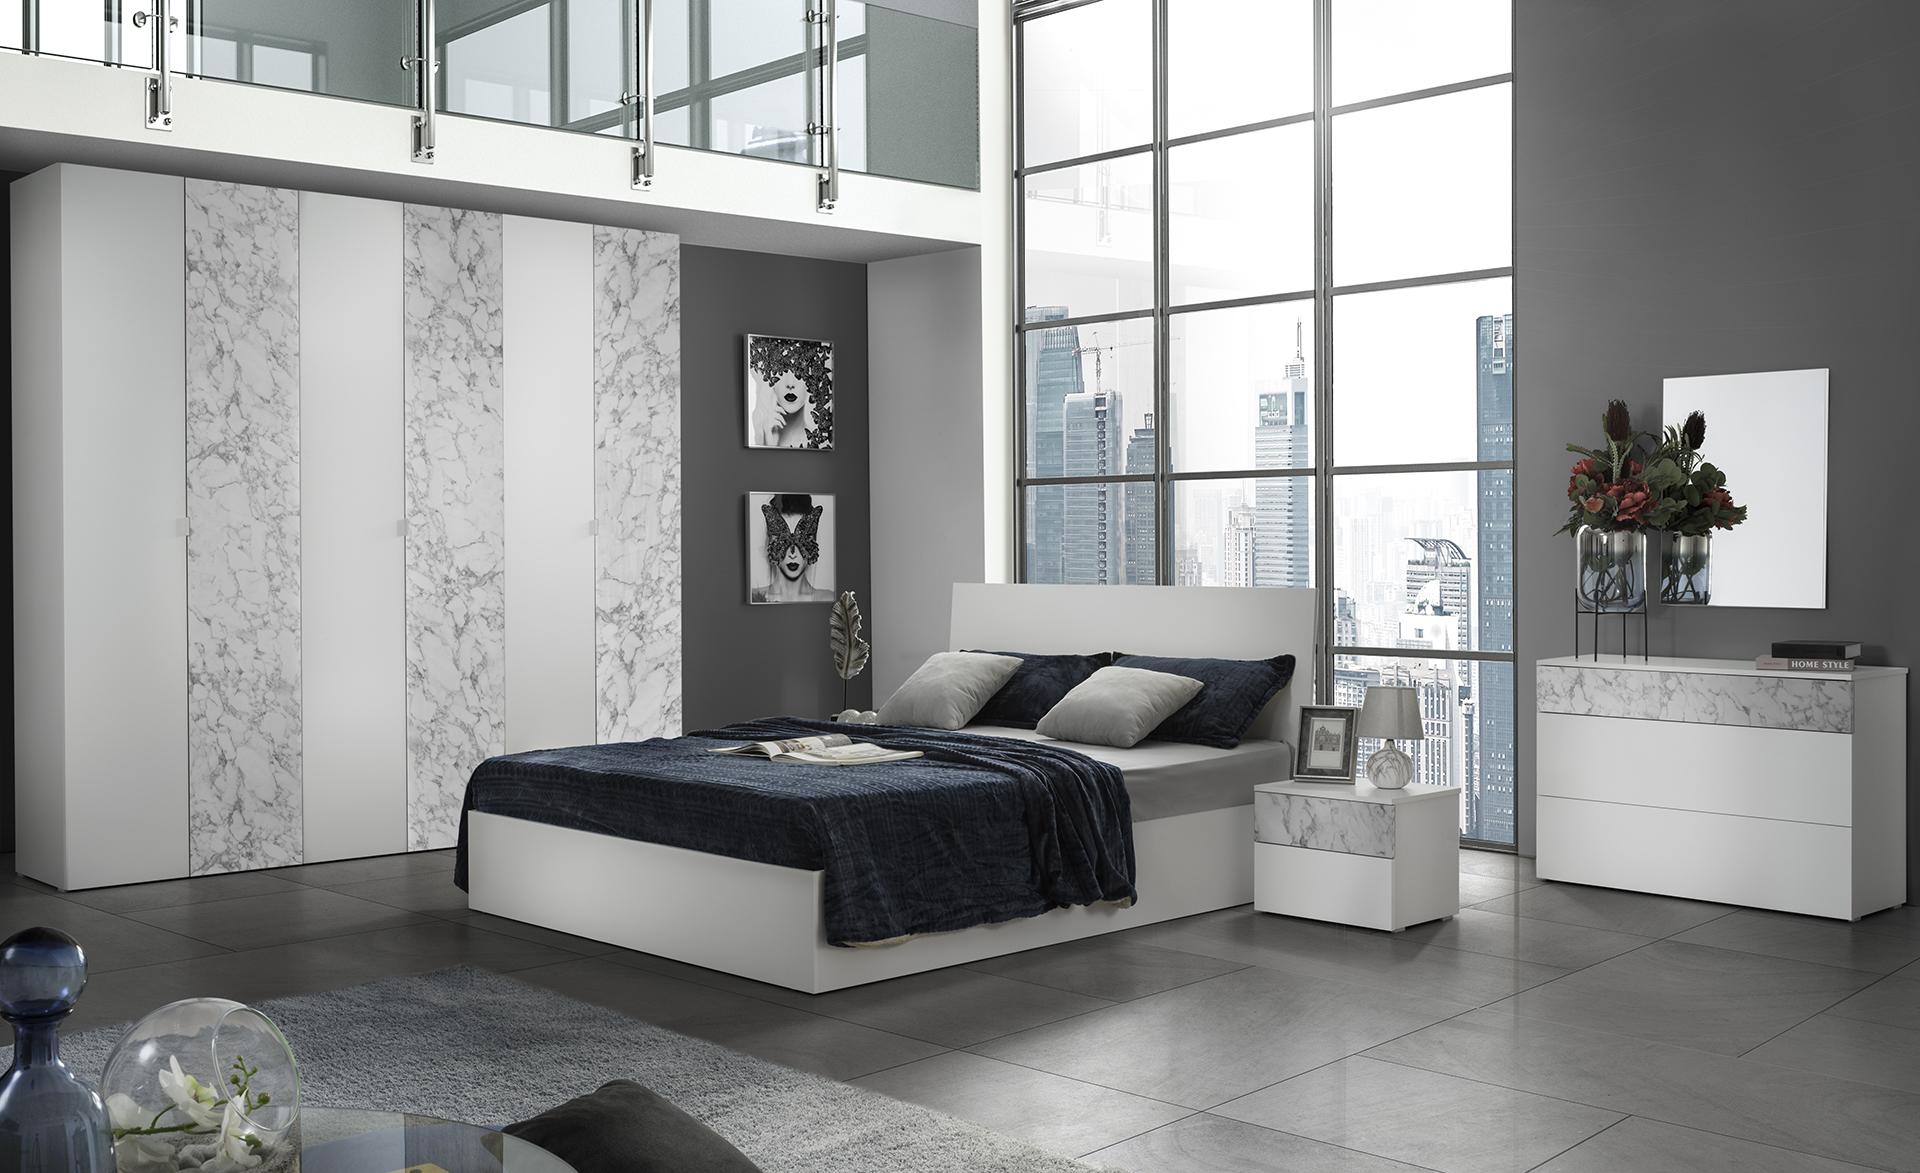 Schlafzimmer Set Mila Carrara In Weiss Modern Design K Mil Ws 1